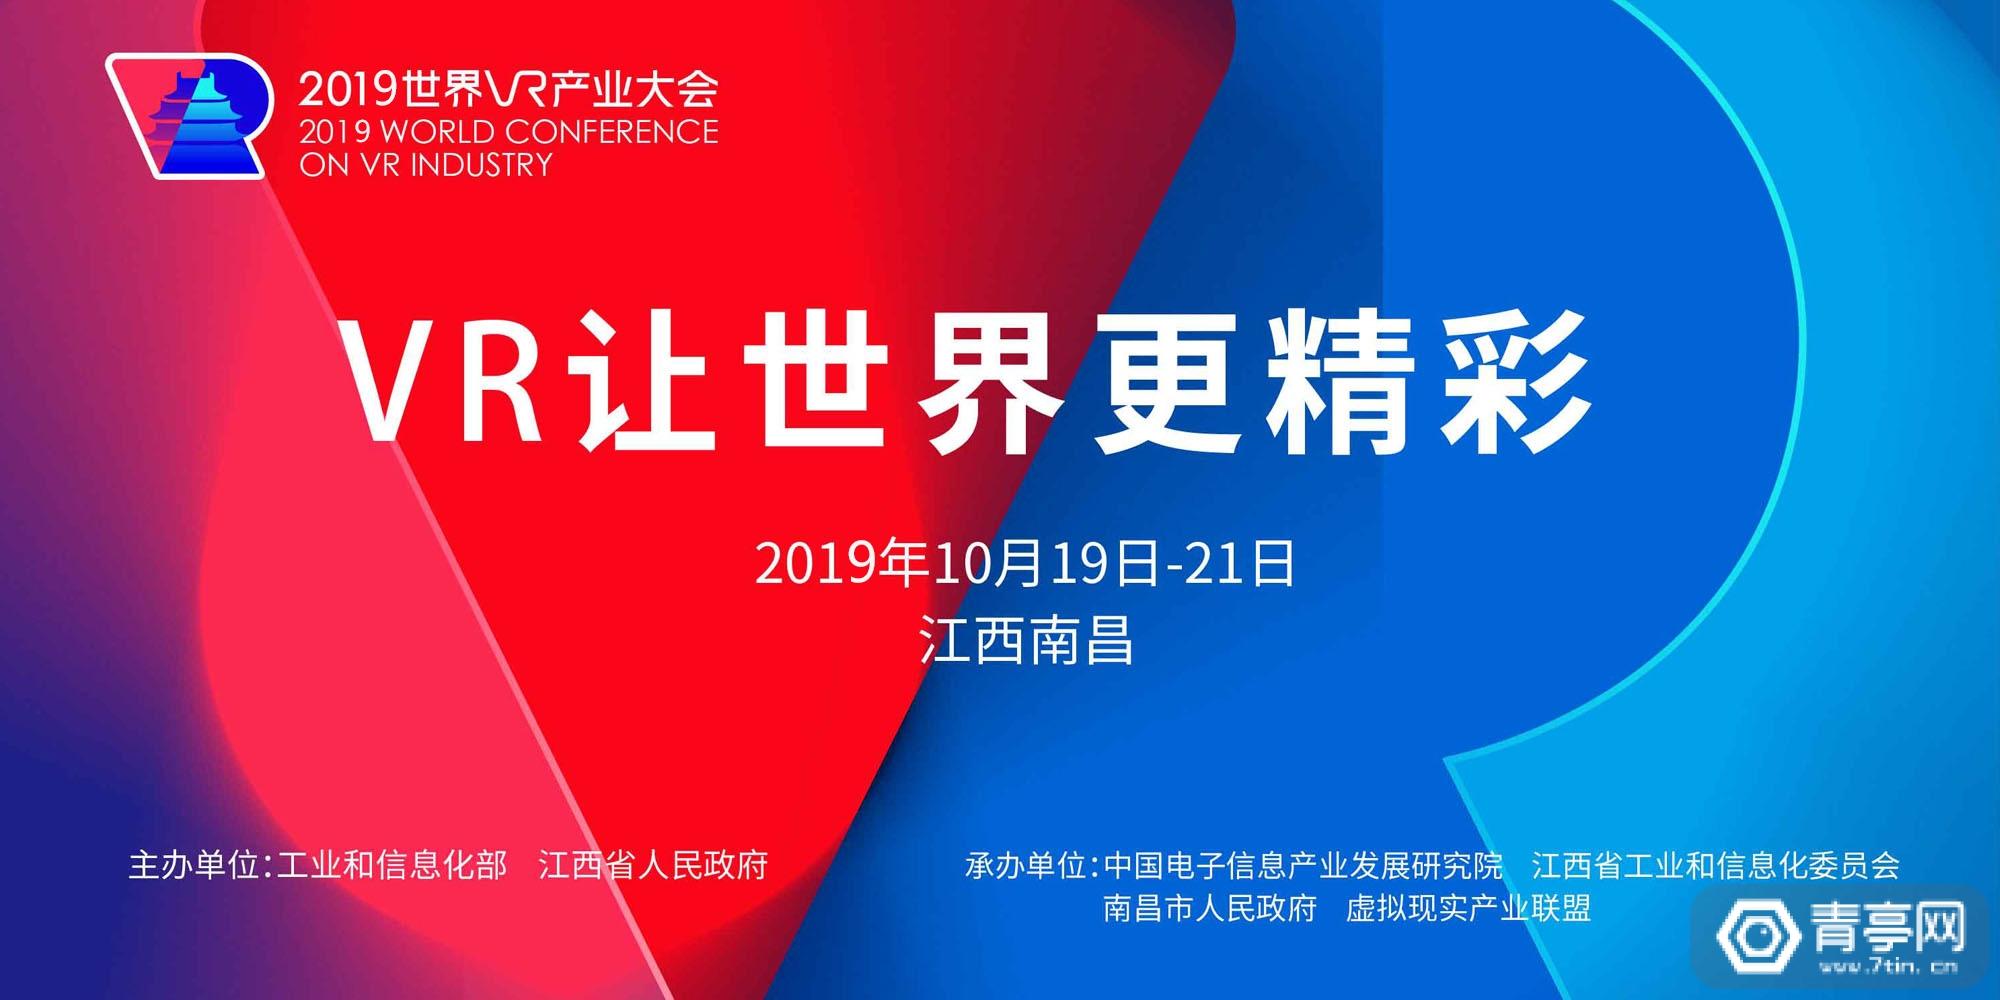 2019年世界VR产业大会首日:嘉宾致辞演讲亮点最全汇总